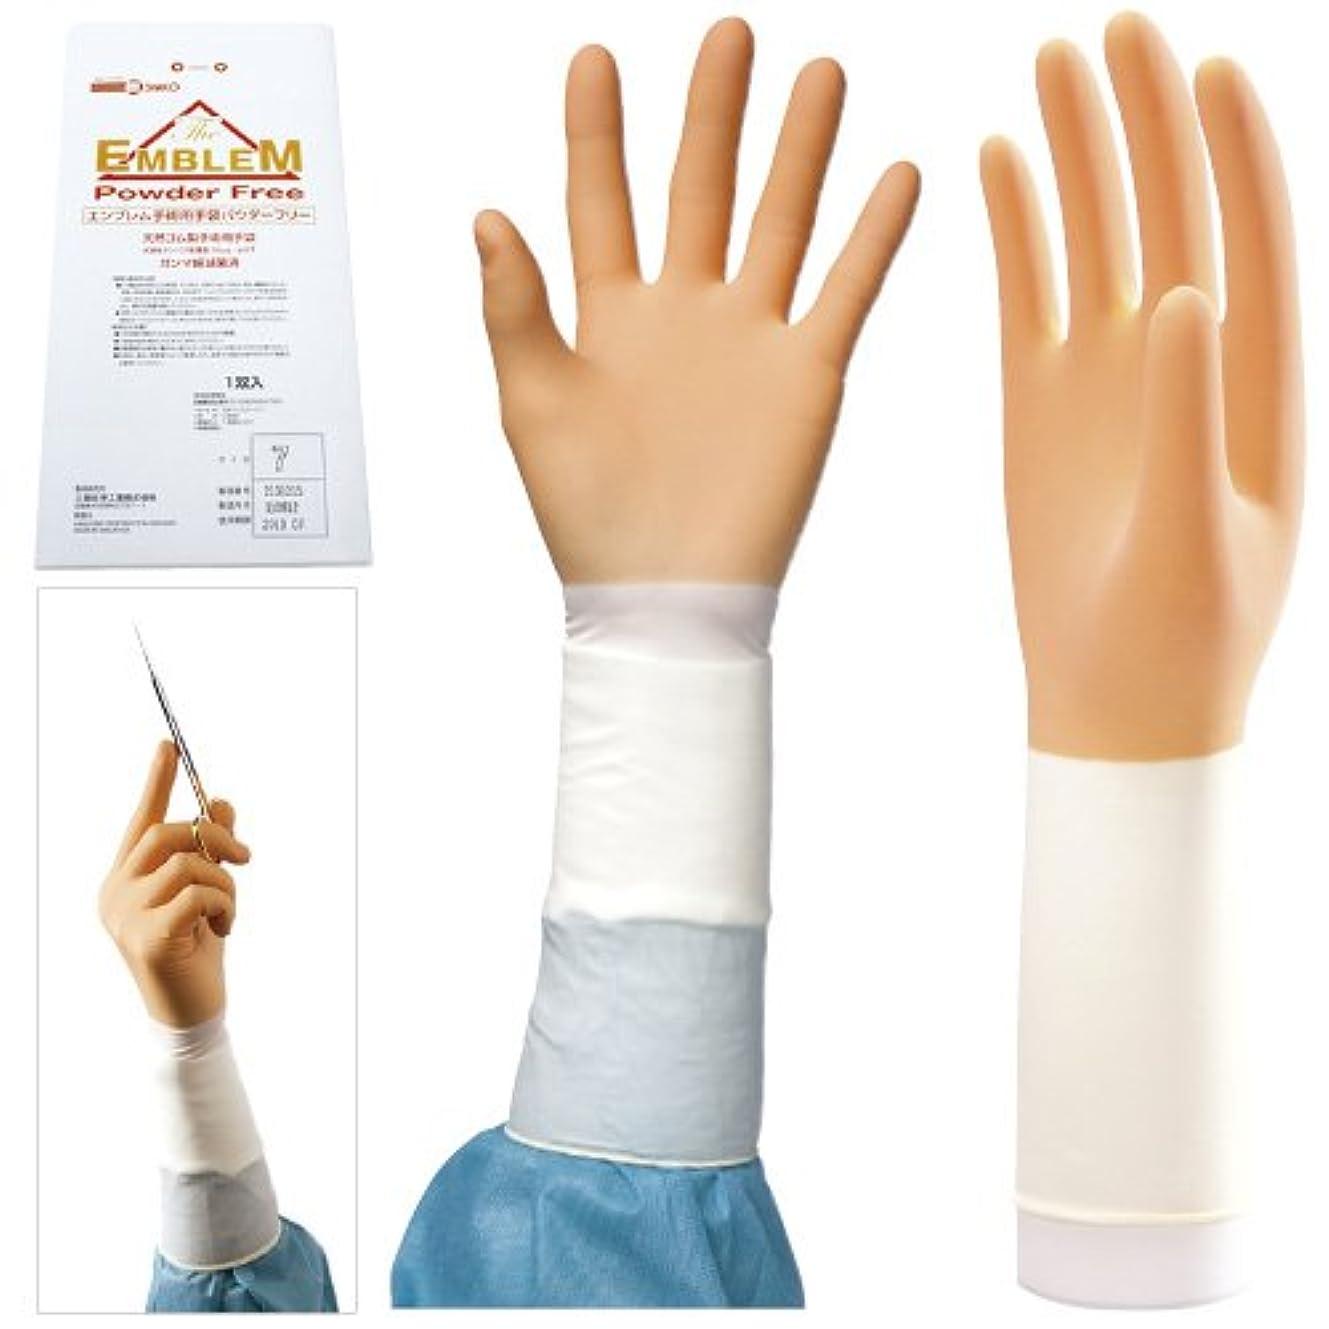 インペリアル大脳生きているエンブレム手術用手袋 パウダーフリー NEW(20双入) 5.5